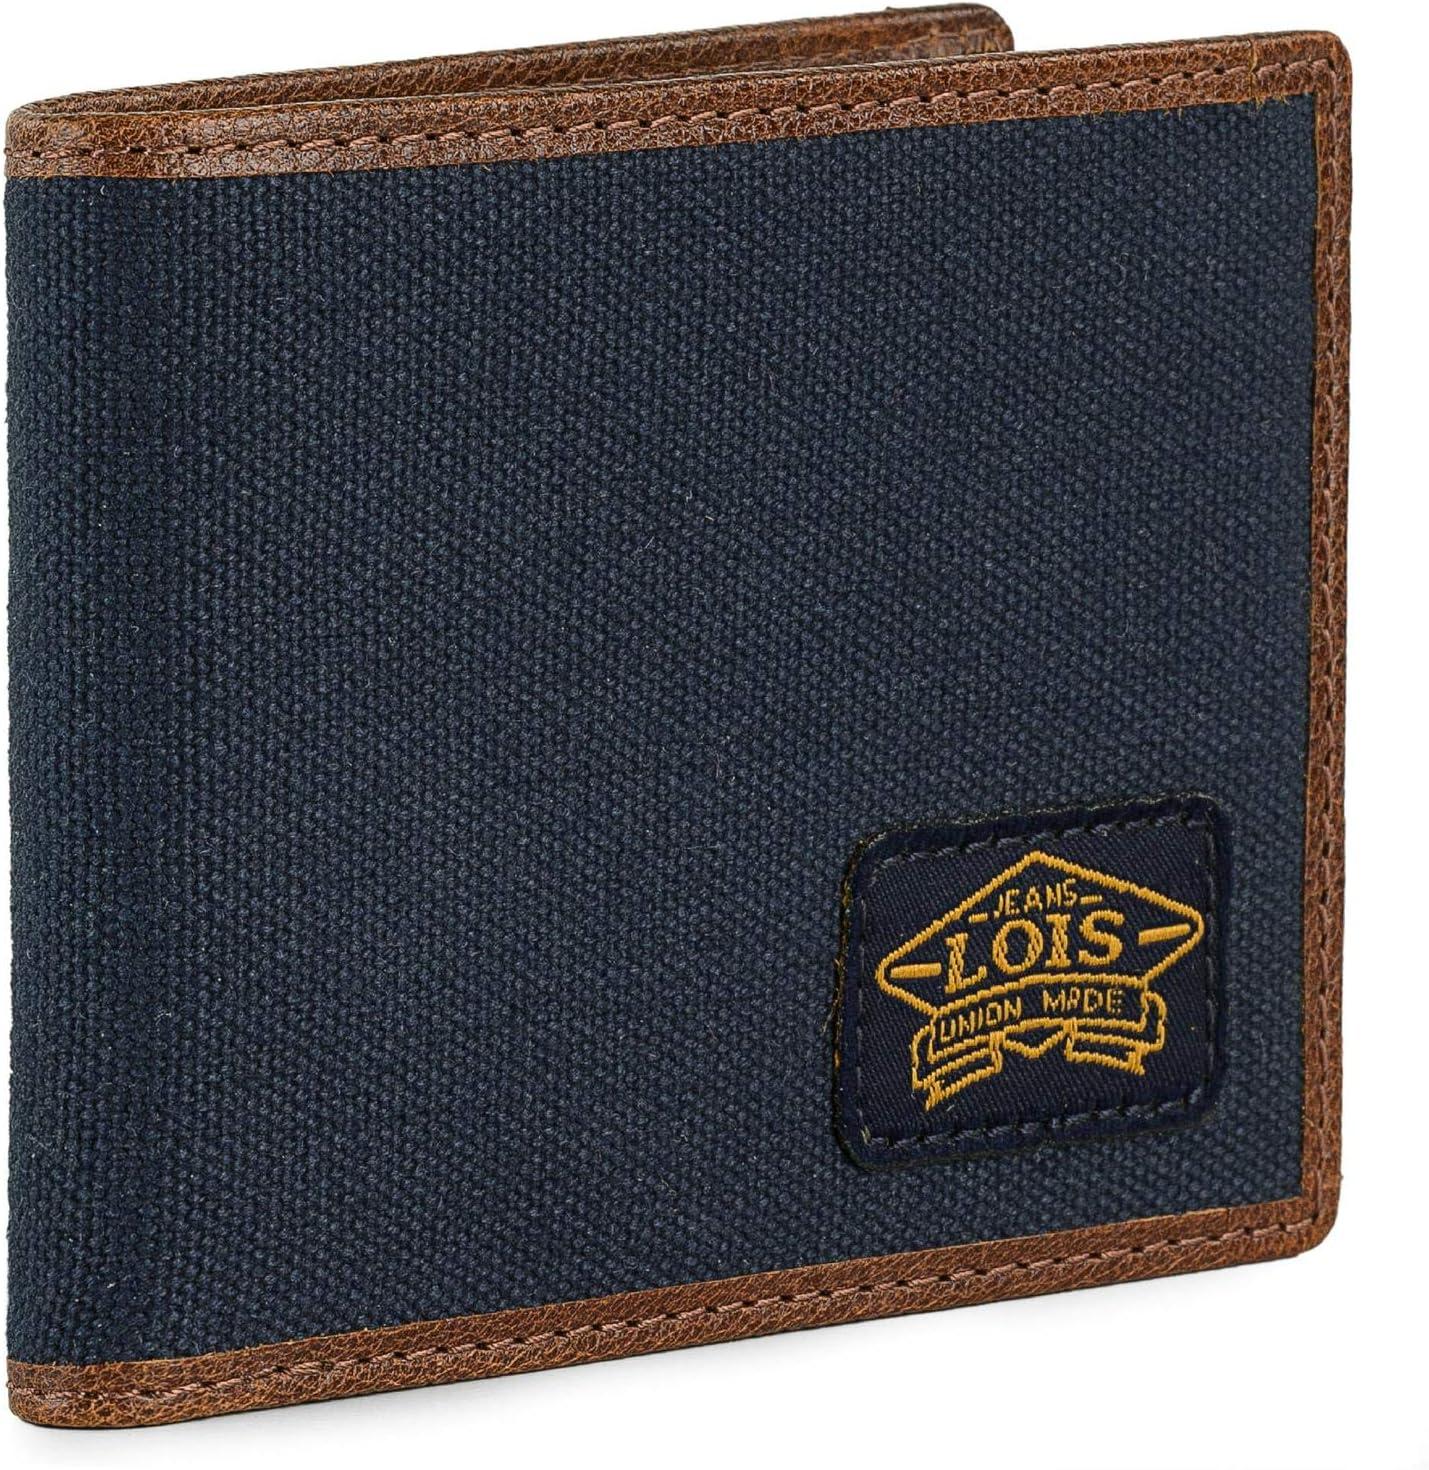 Lois - Cartera de Lona/Piel Genuina para Hombre Delgada y Bien compartimentada para Llevar Monedas, Billetes Tarjetas. Protección RFID. 203801, Color Marino